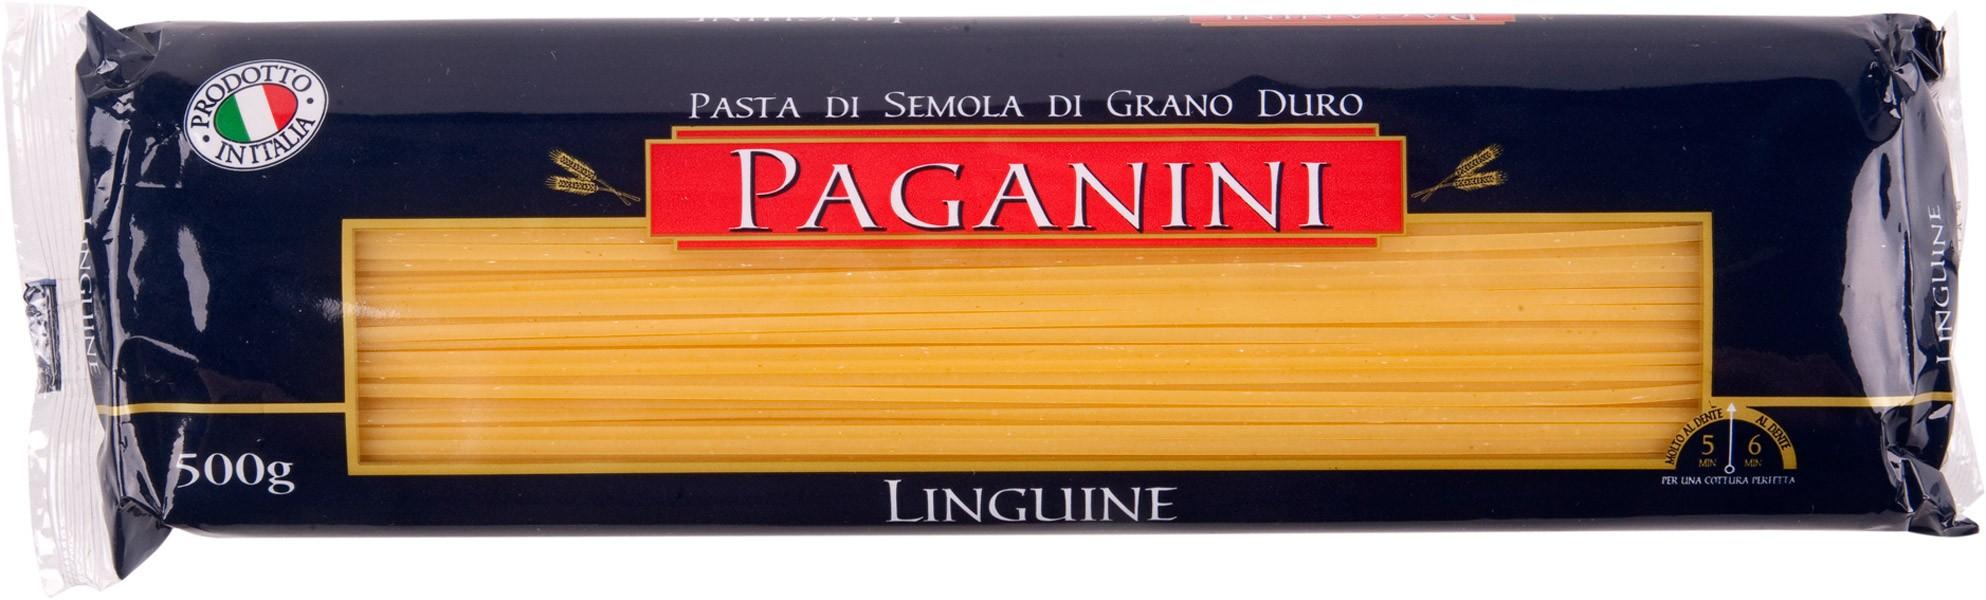 LINGUINE PAGANINI